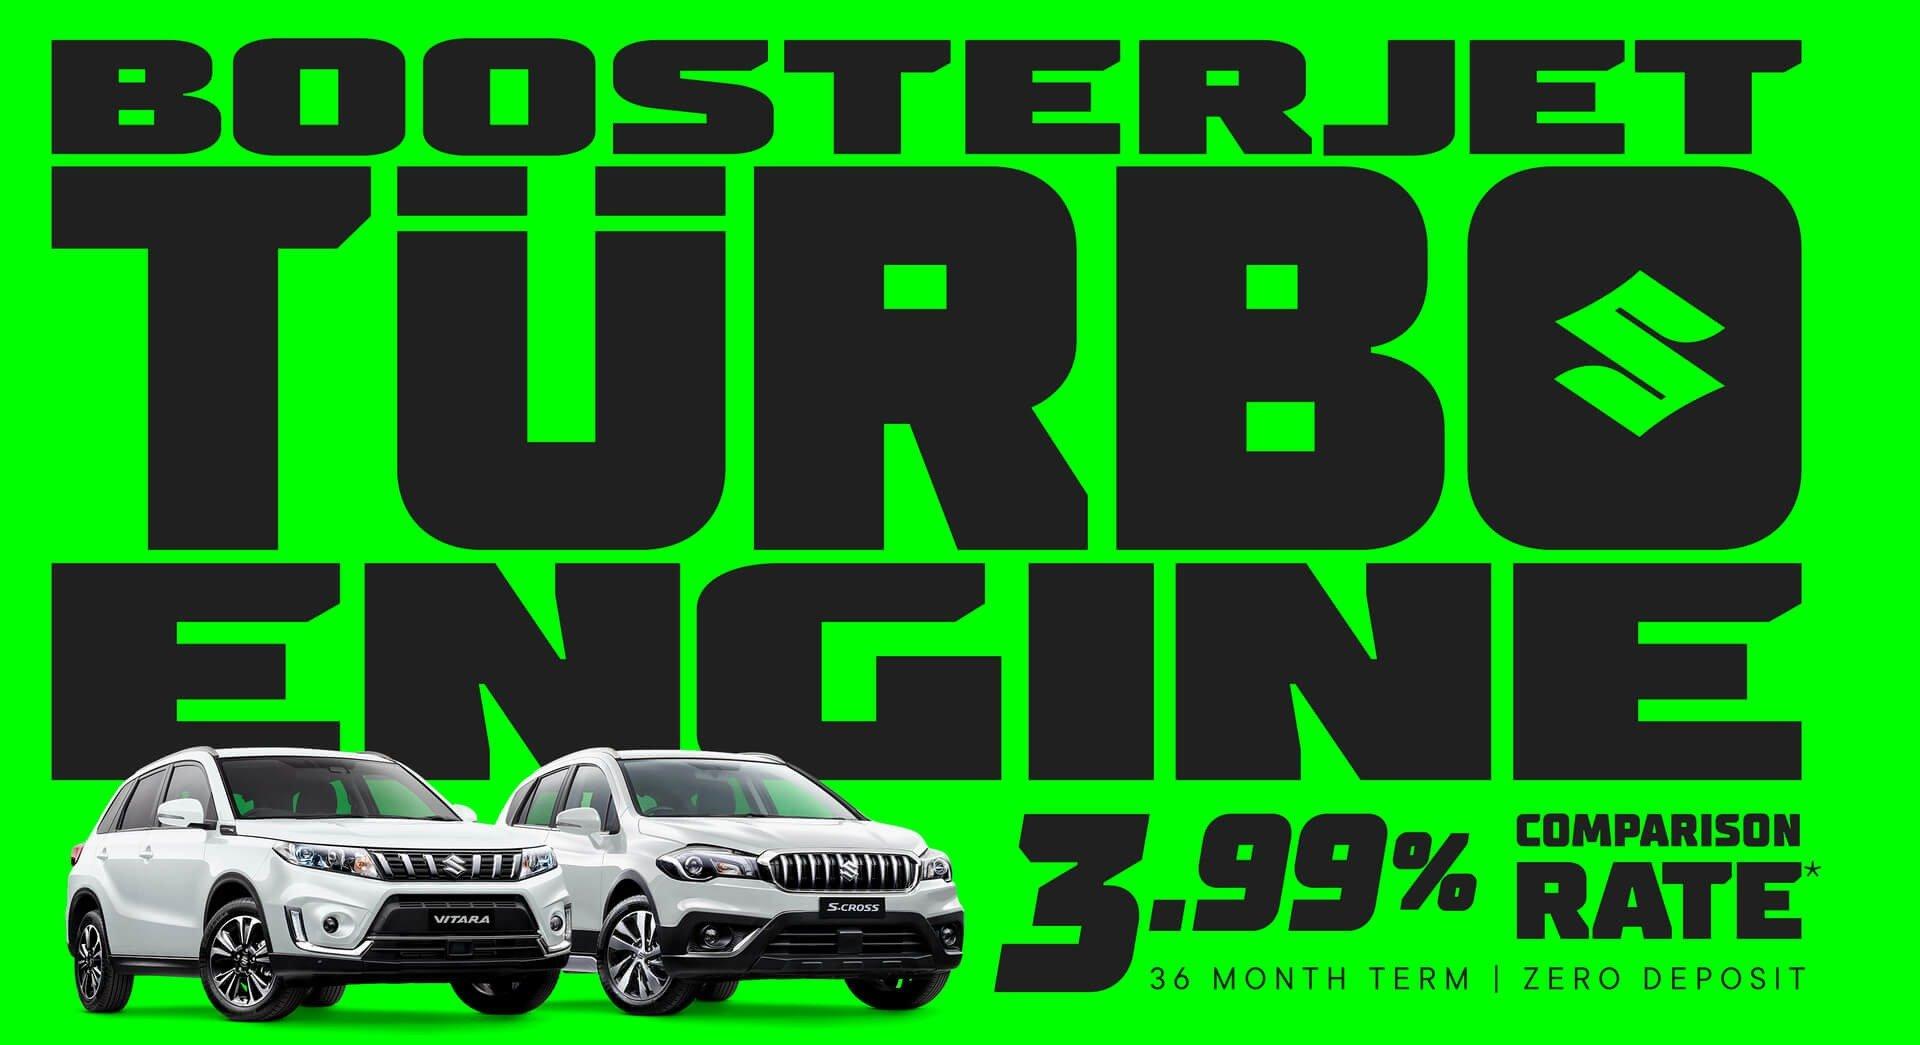 Mandurah Suzuki 3.99% Finance Rate